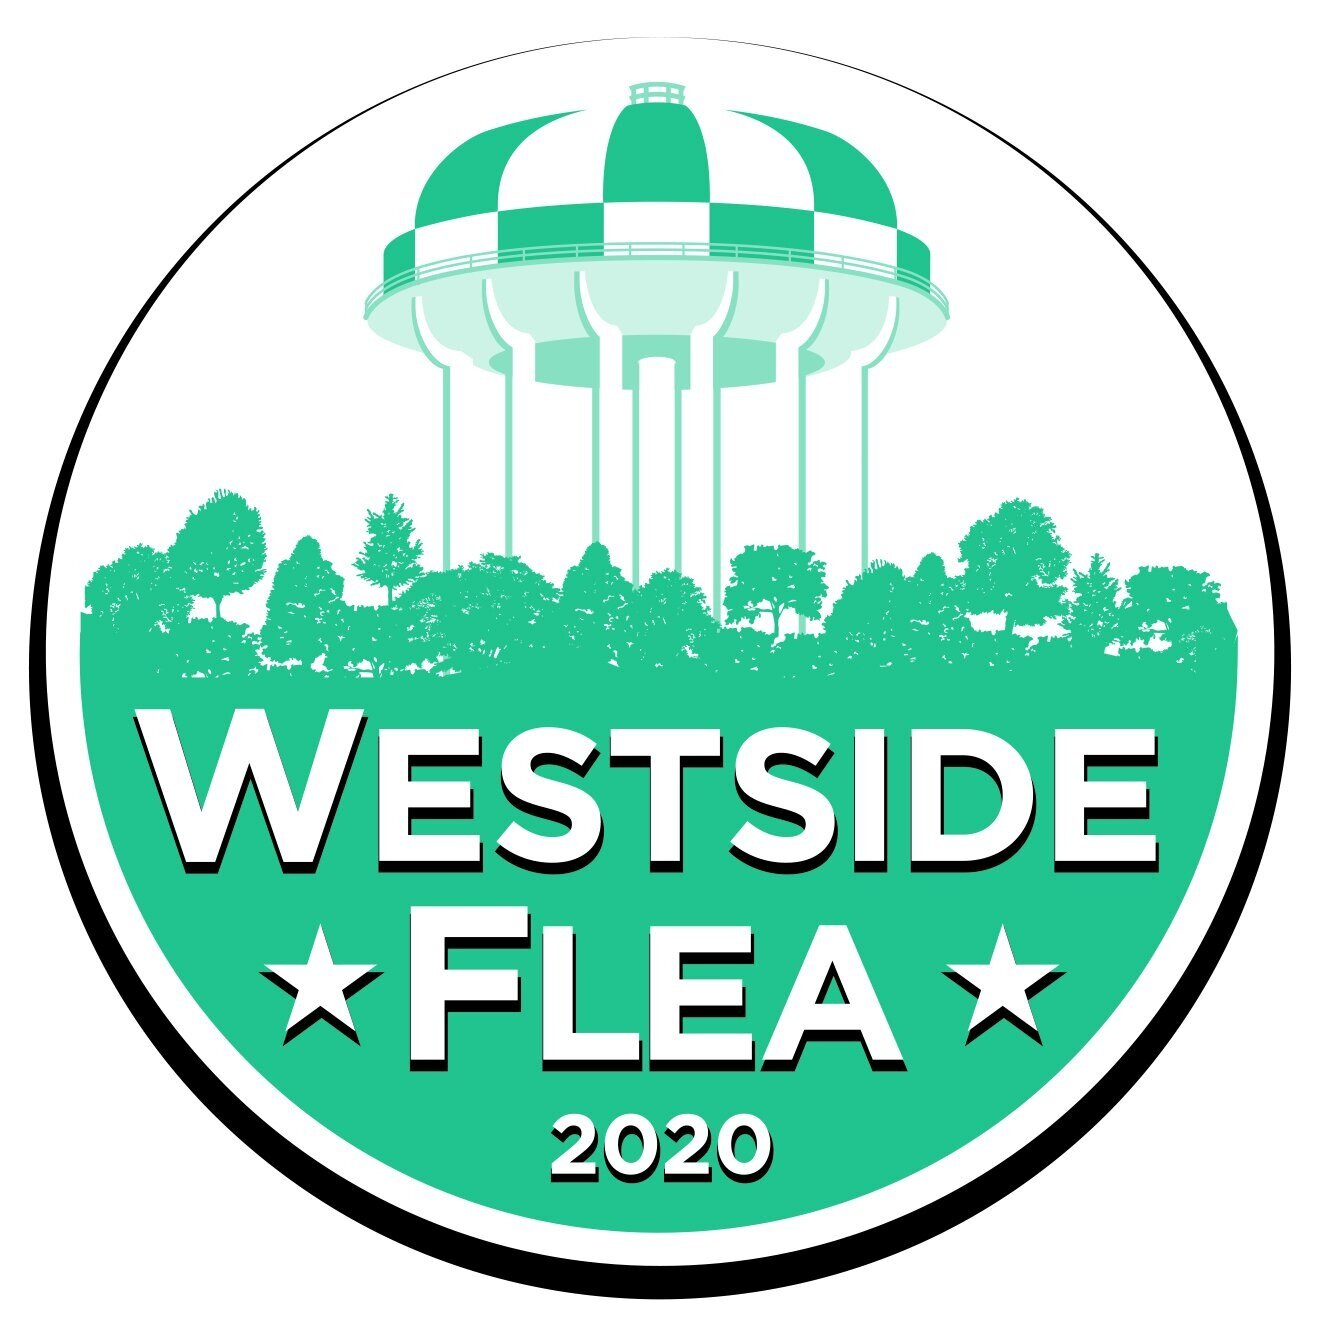 2021 Westside Flea Market